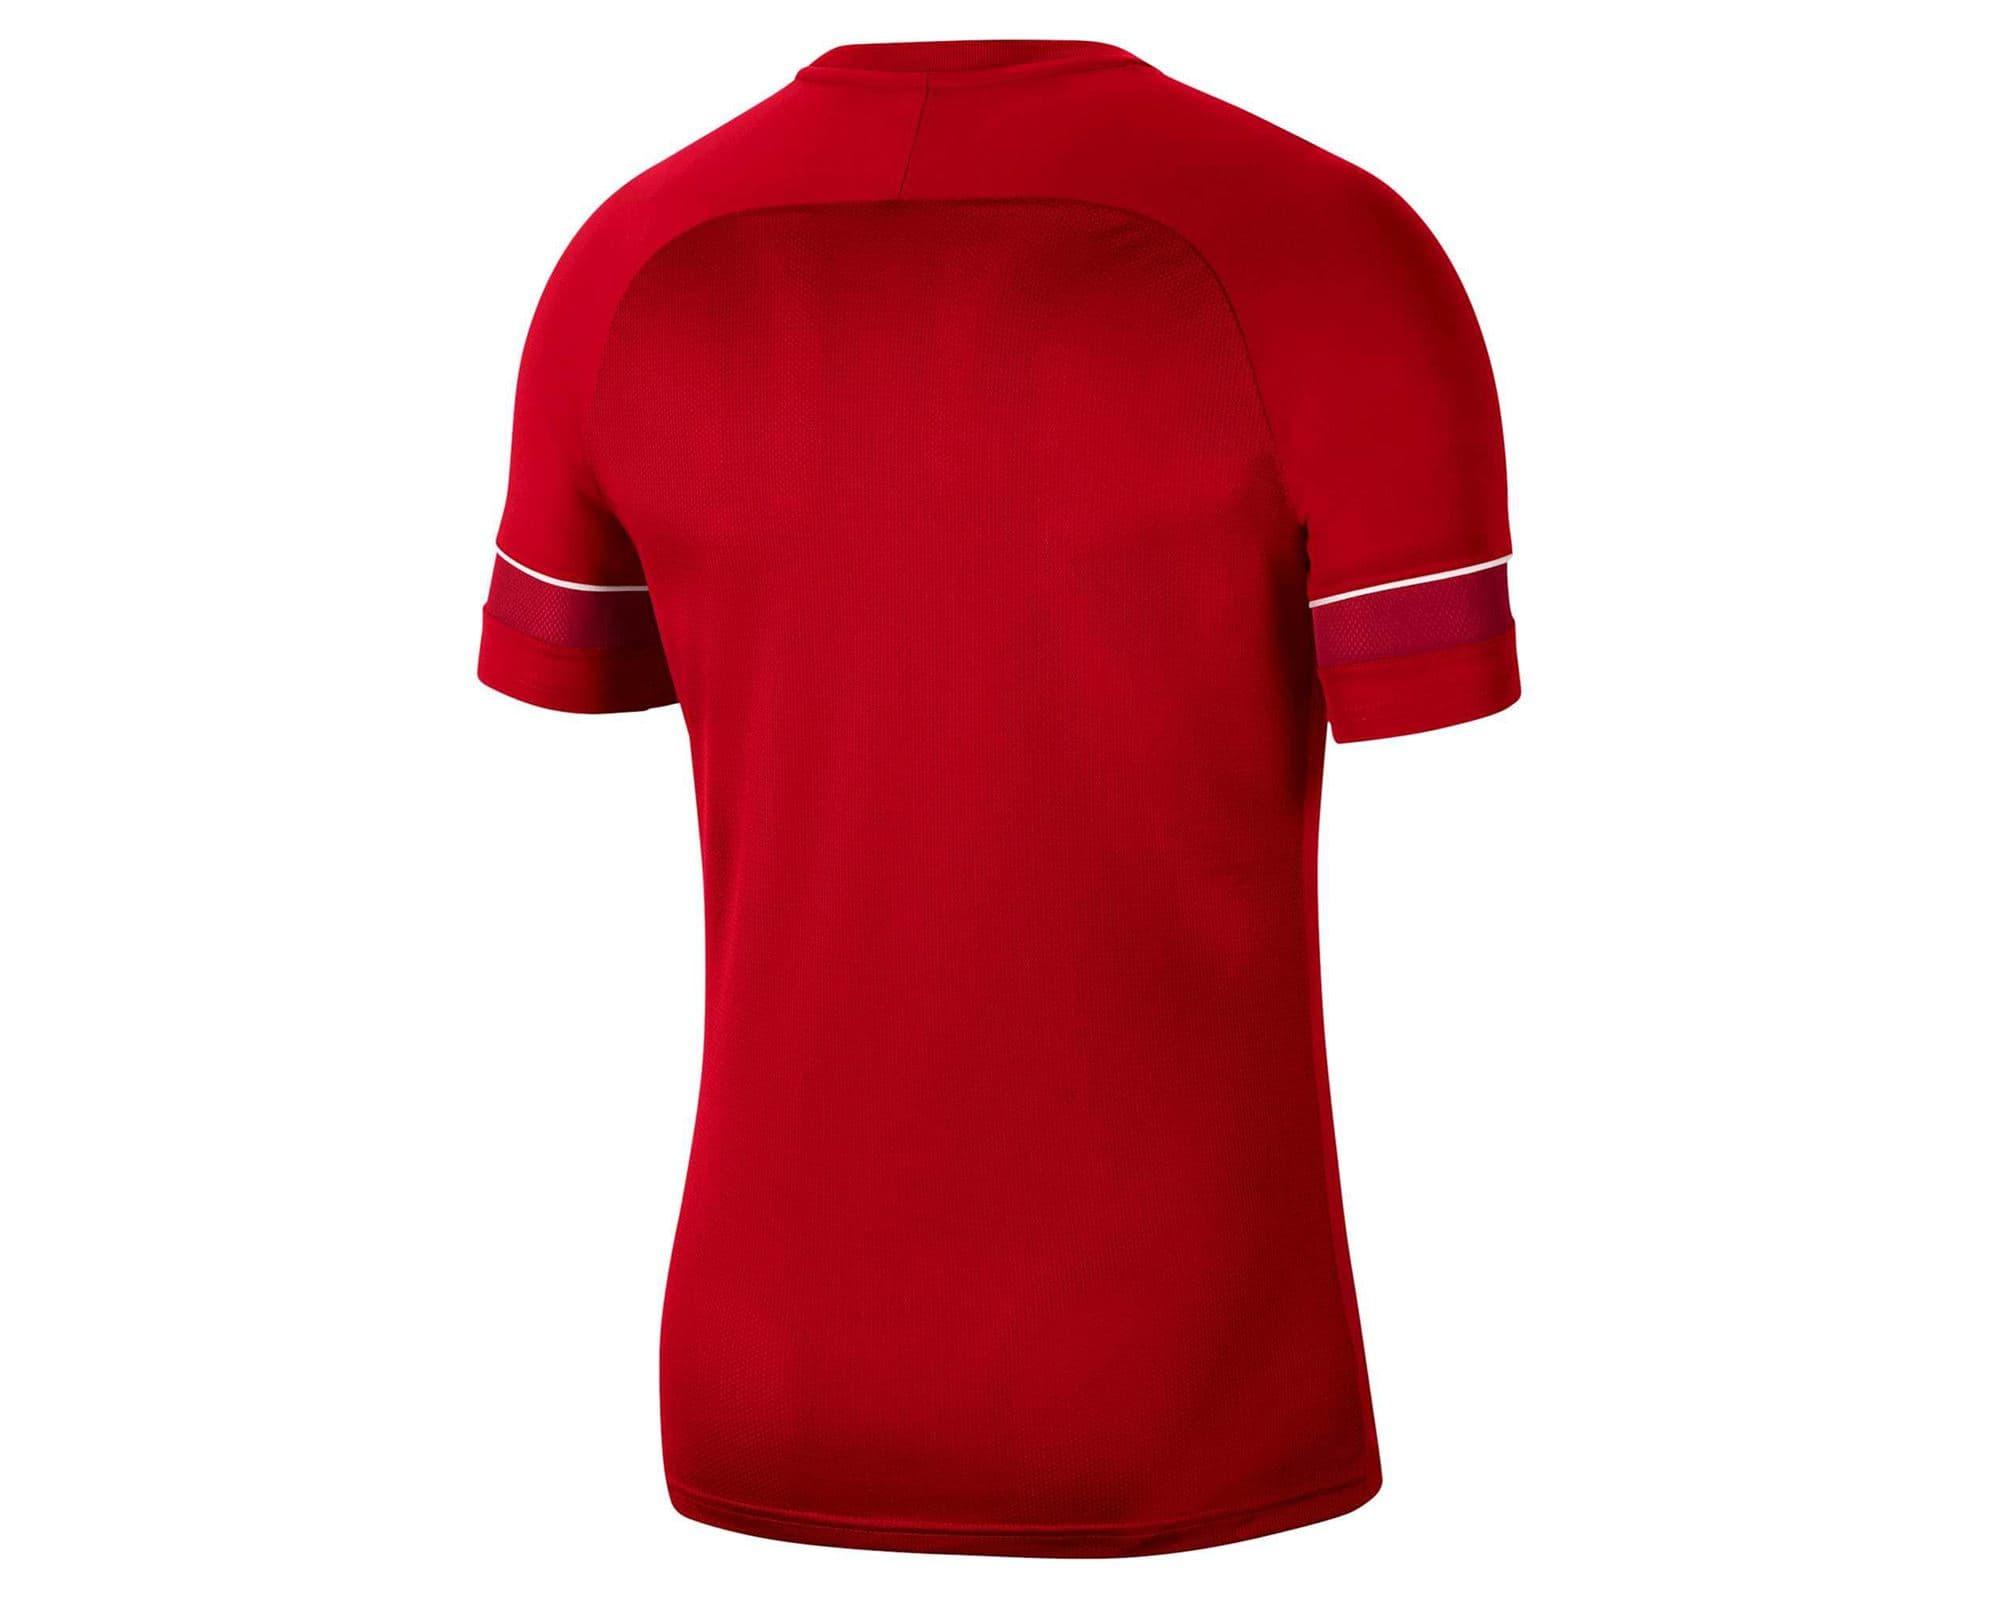 Academy 21 Erkek Kırmızı Futbol Tişört (CW6101-657)